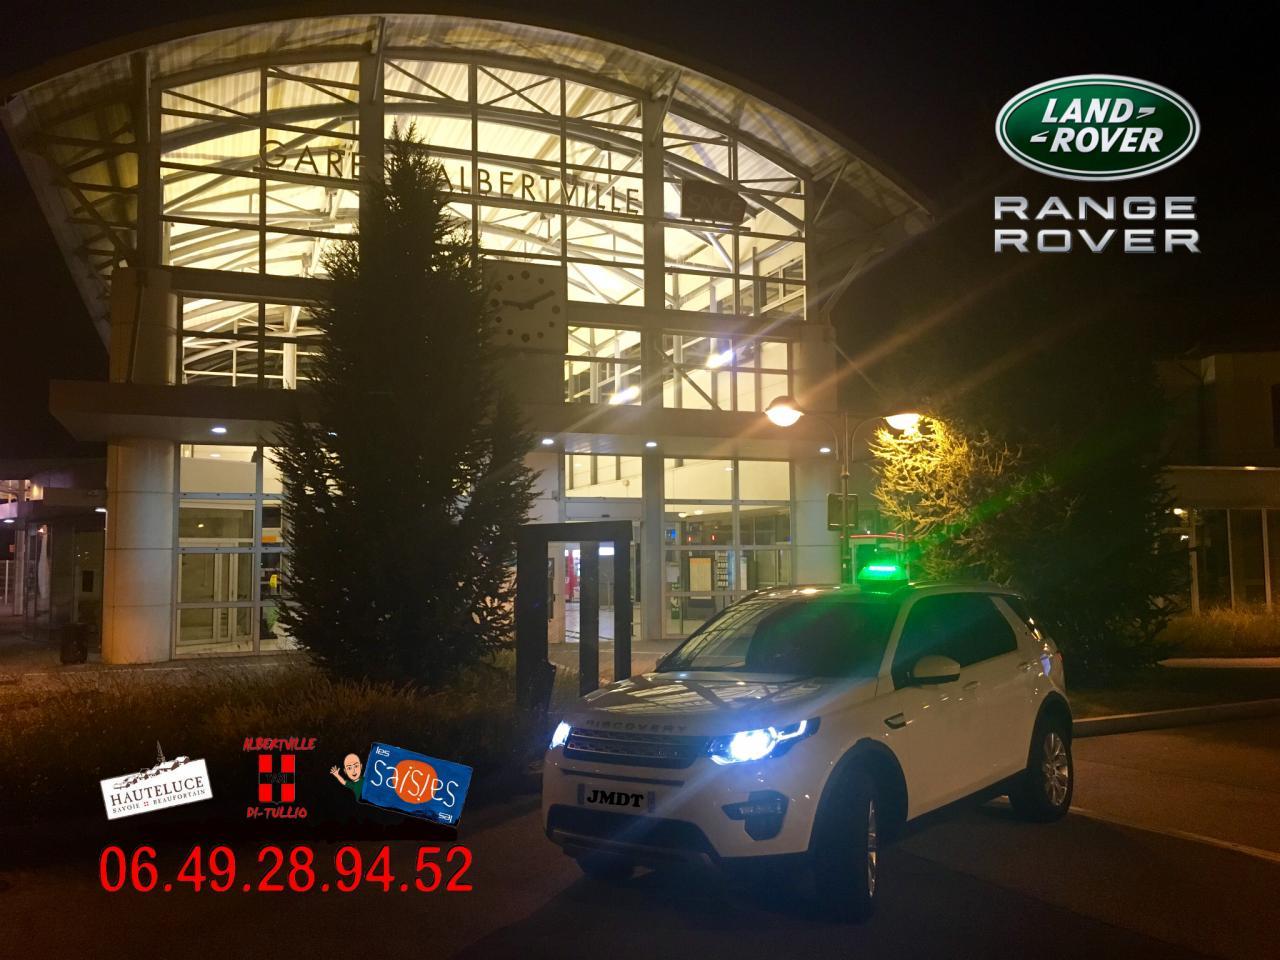 Taxi Di Tullio sur réservation la nuit en gare d'Albertville.